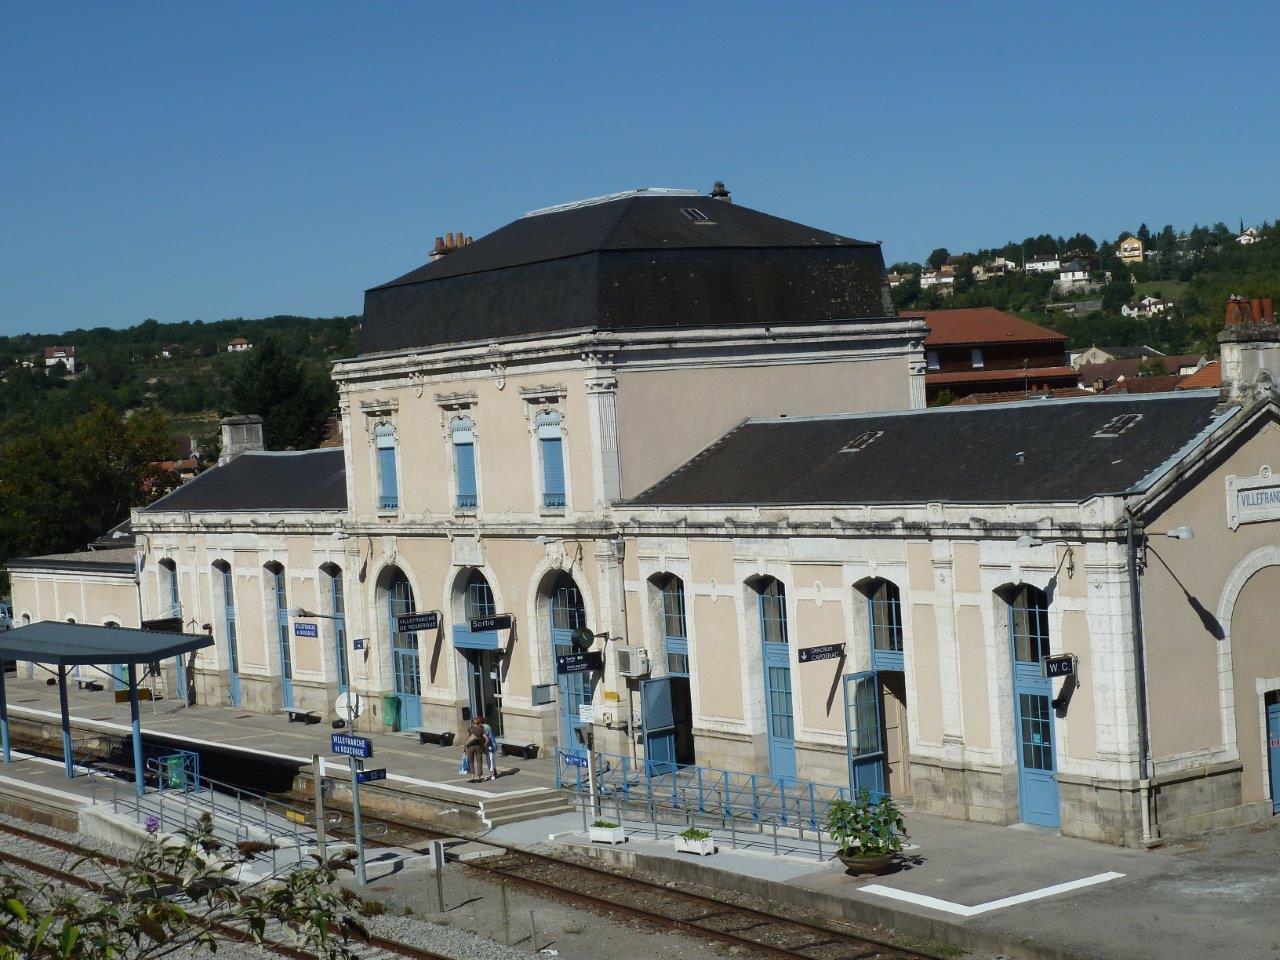 gare-de-villefranche-de-rouergue-train-station